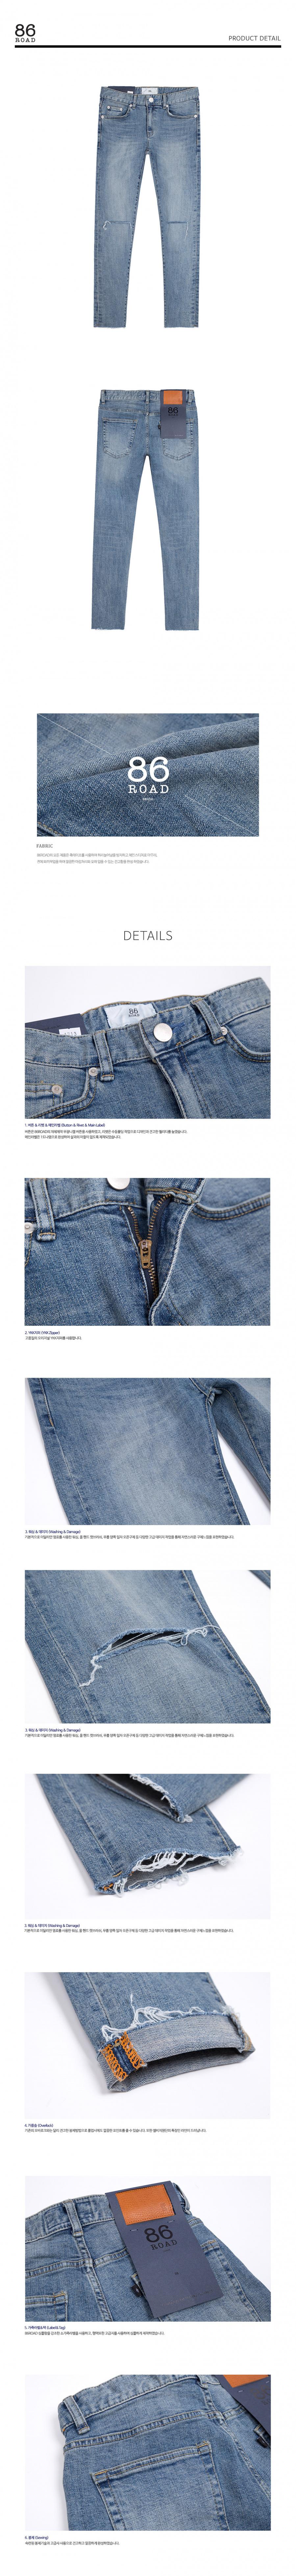 86로드(86ROAD) 86RJ-1713 slim cutting jeans